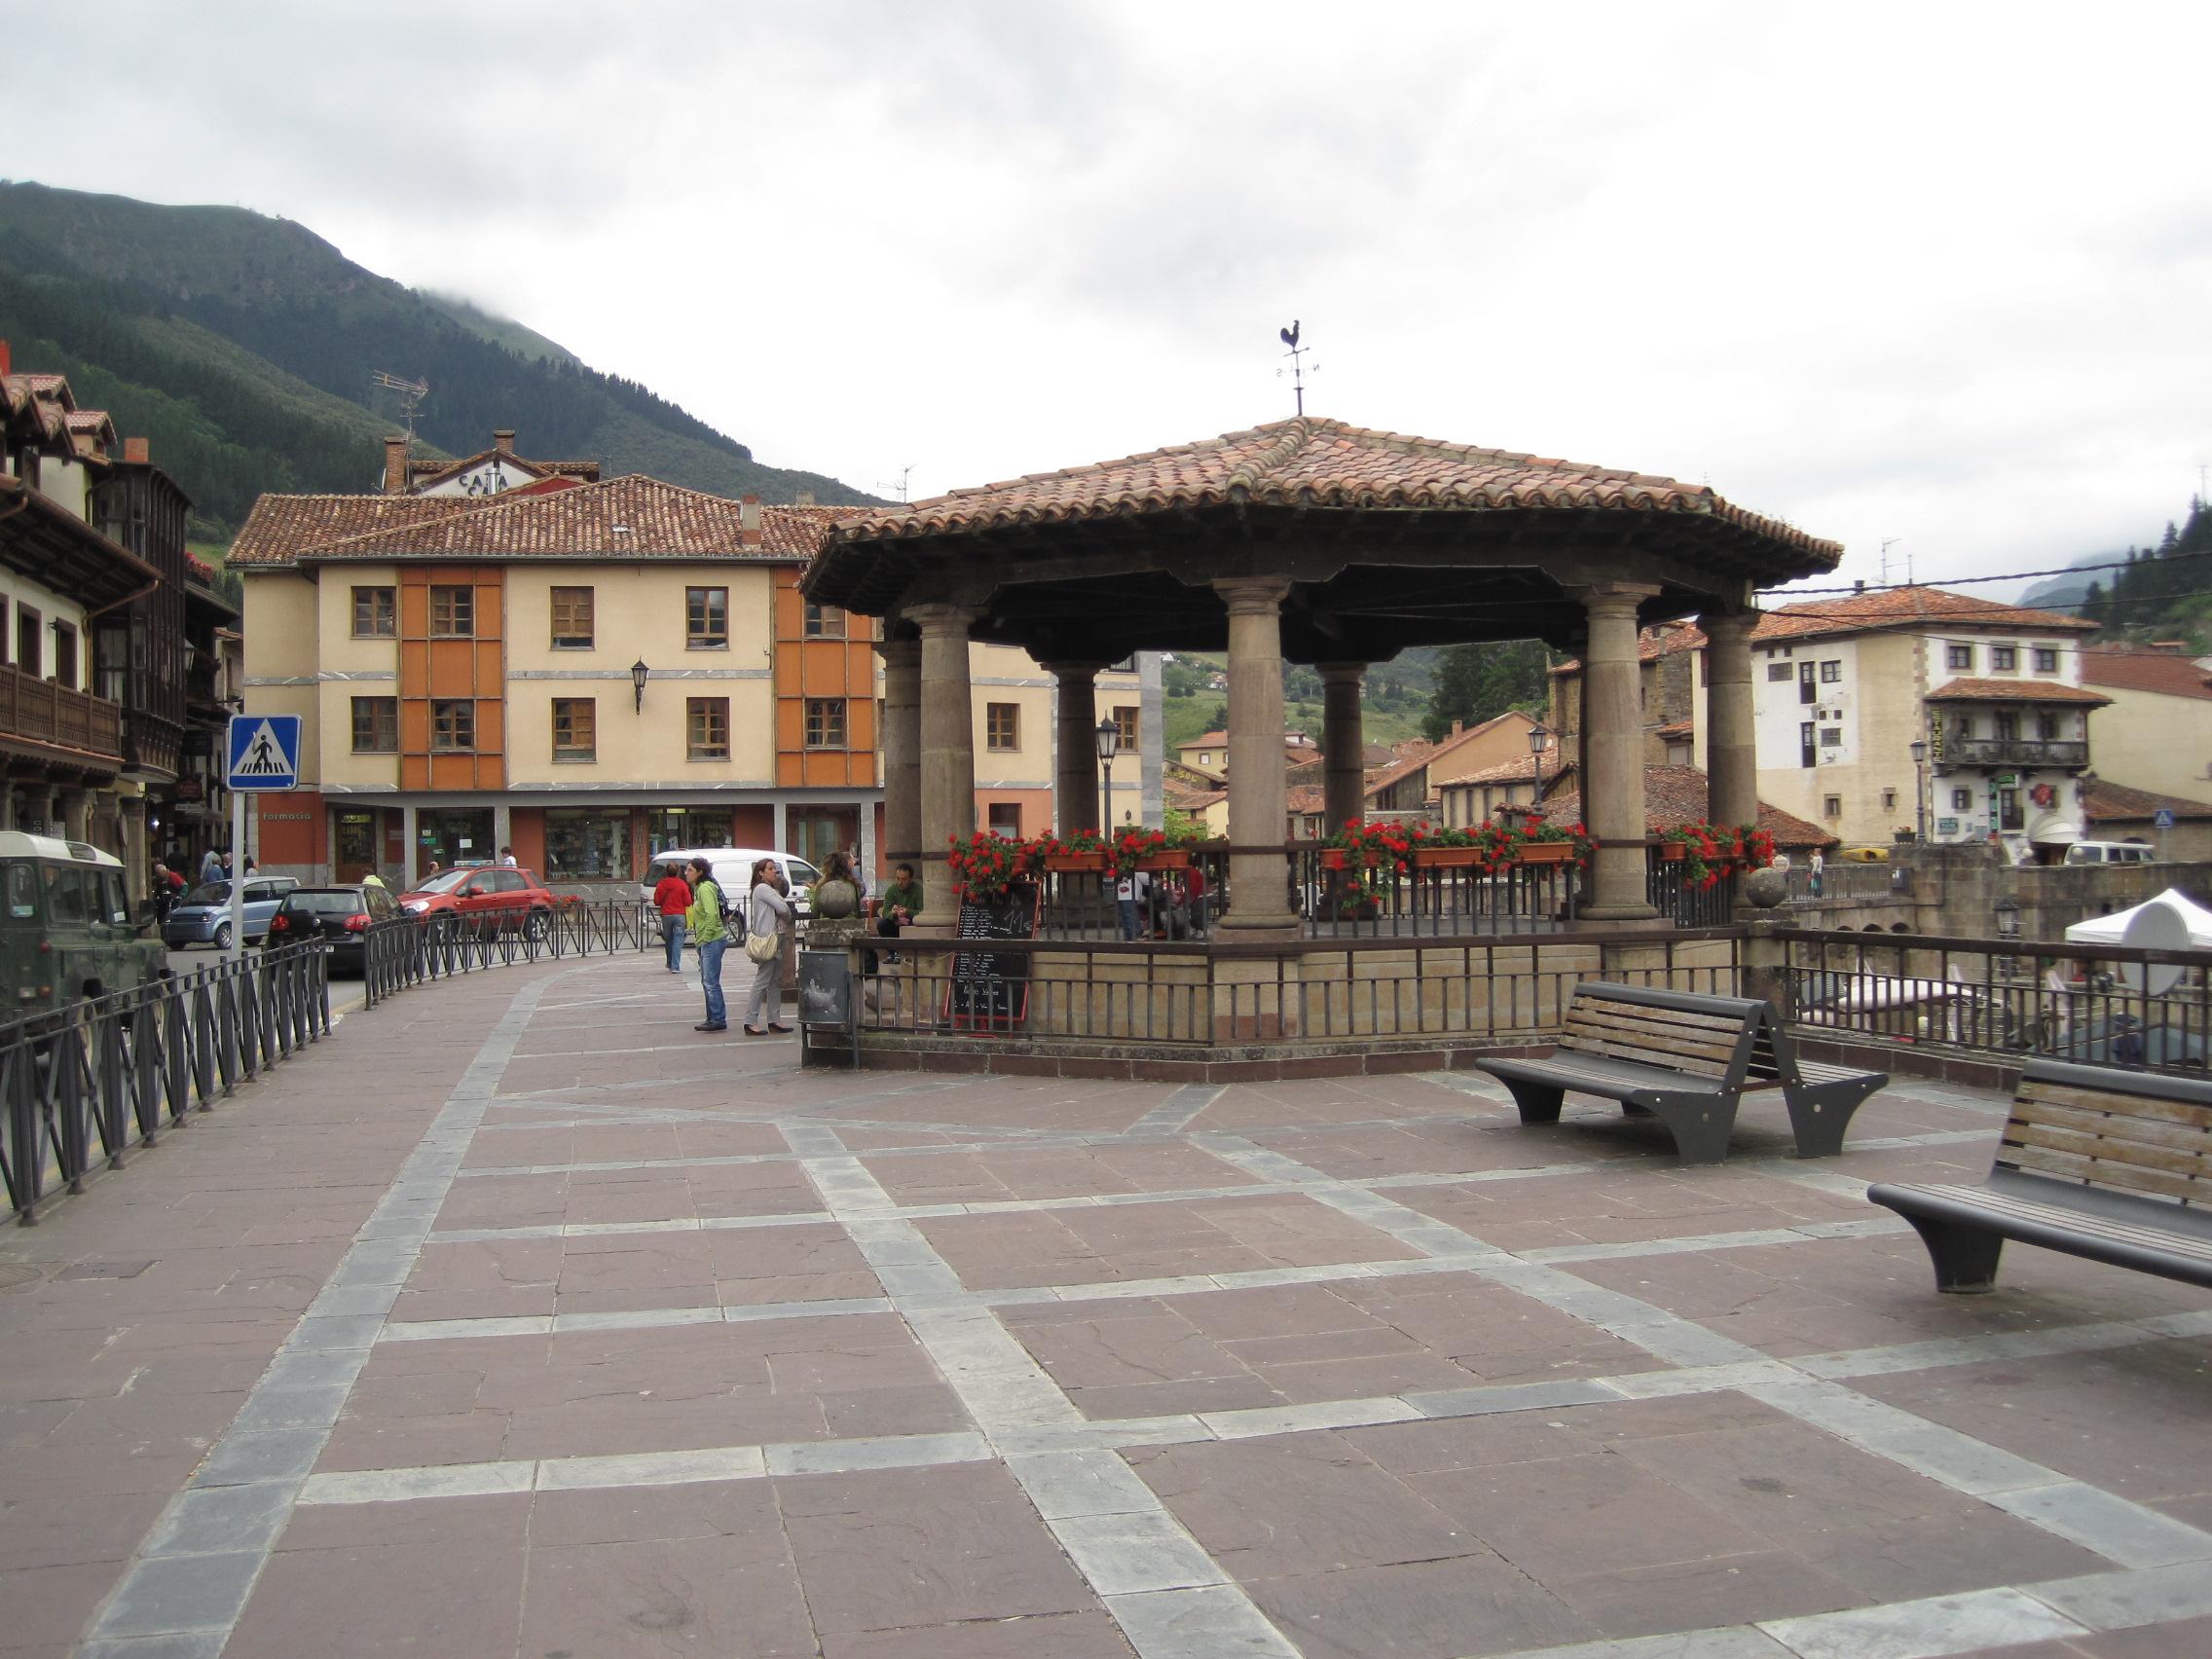 Plaza Capitan Palacios